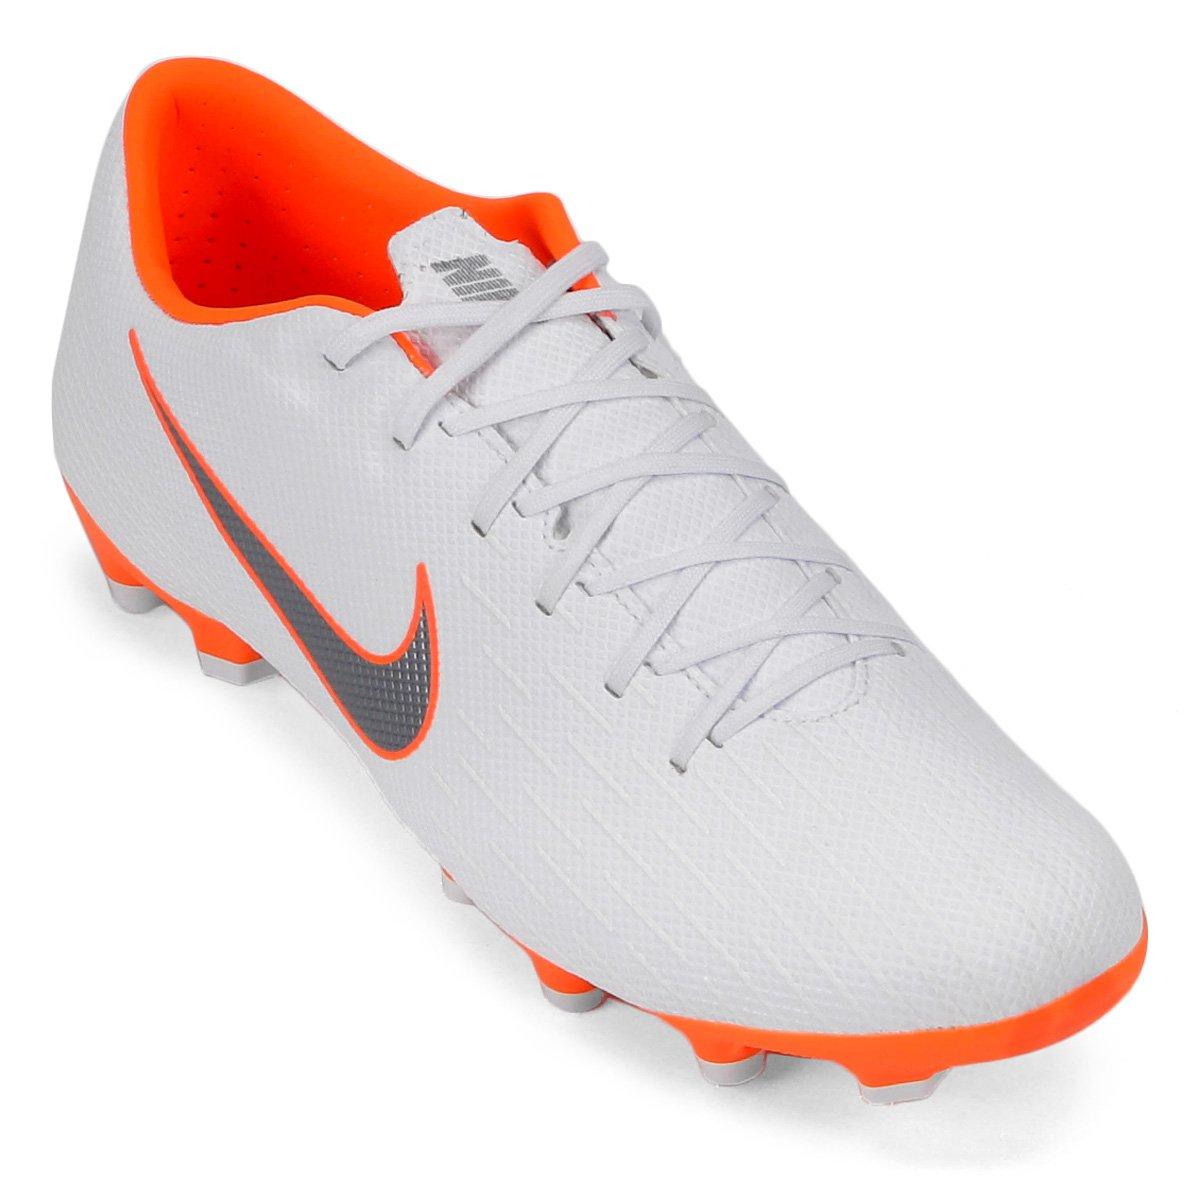 1cf6174f567 Chuteira Campo Nike Mercurial Vapor 12 Academy - Branco e Cinza ...